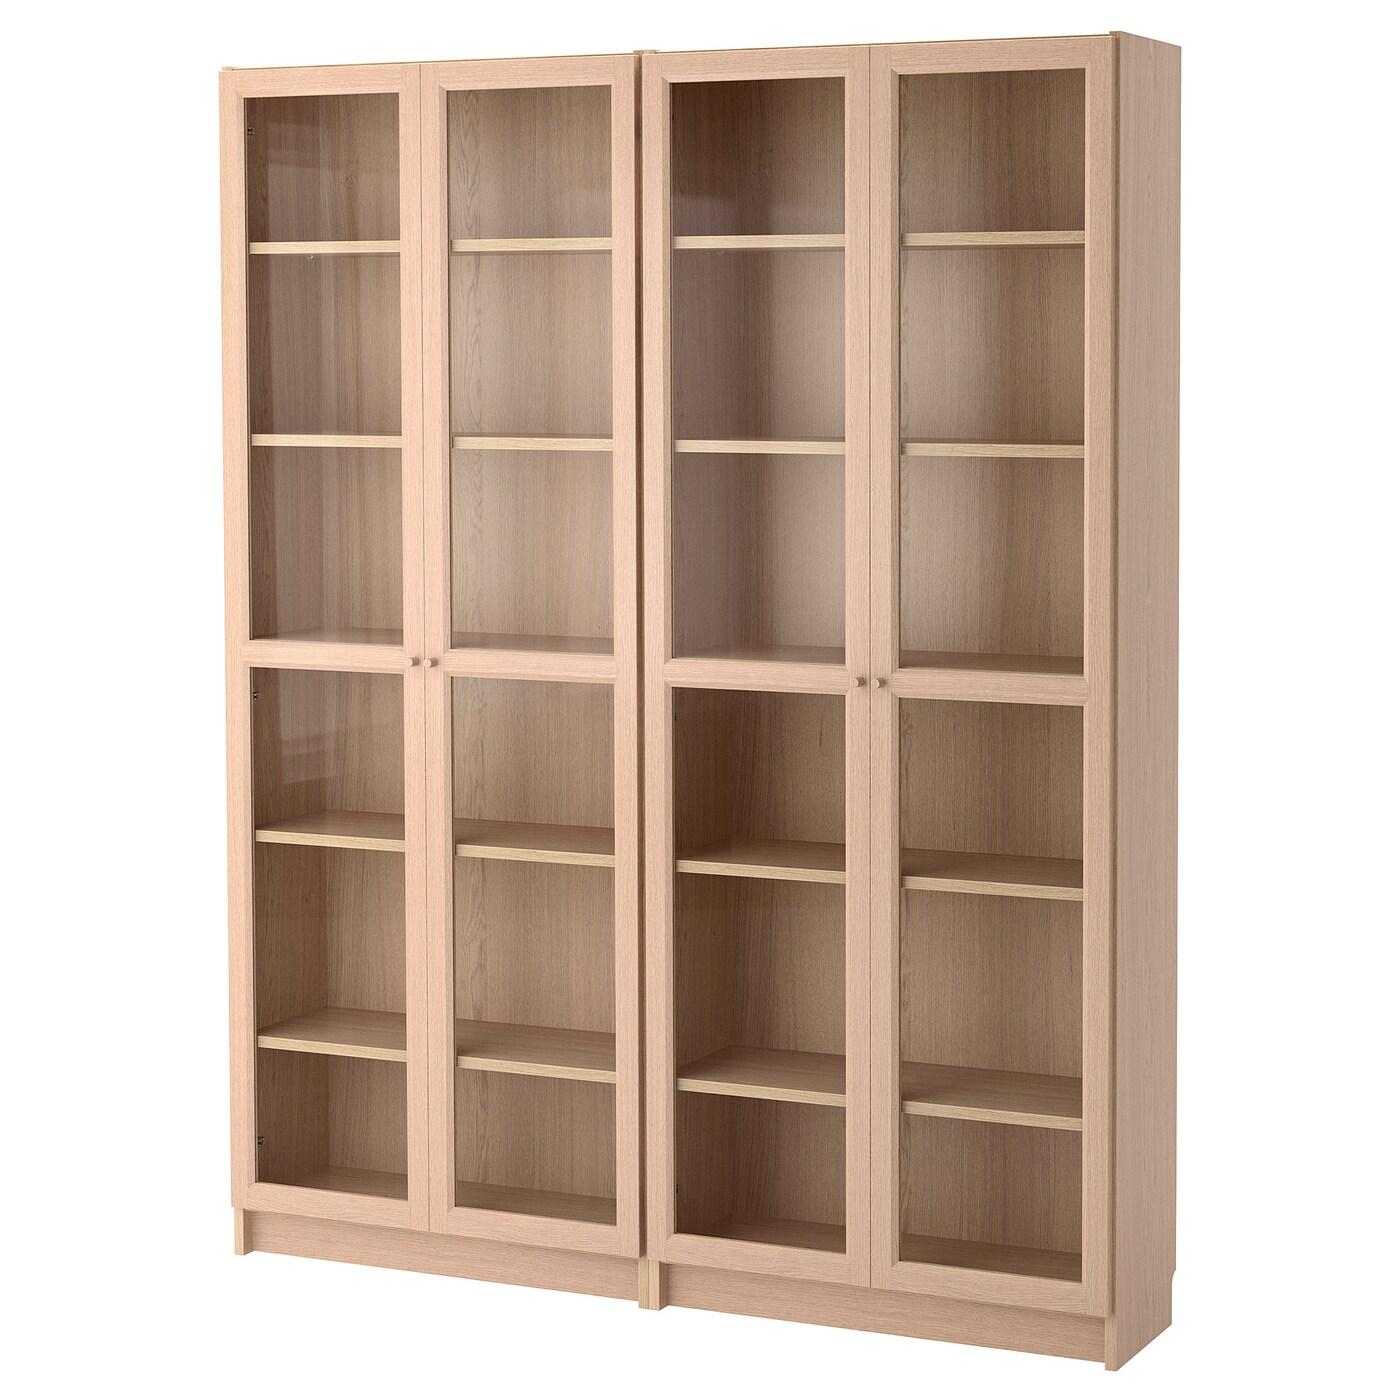 ikea billyoxberg boekenkastcombi m vitrinedeuren verstelbare planken naar behoefte aan te passen